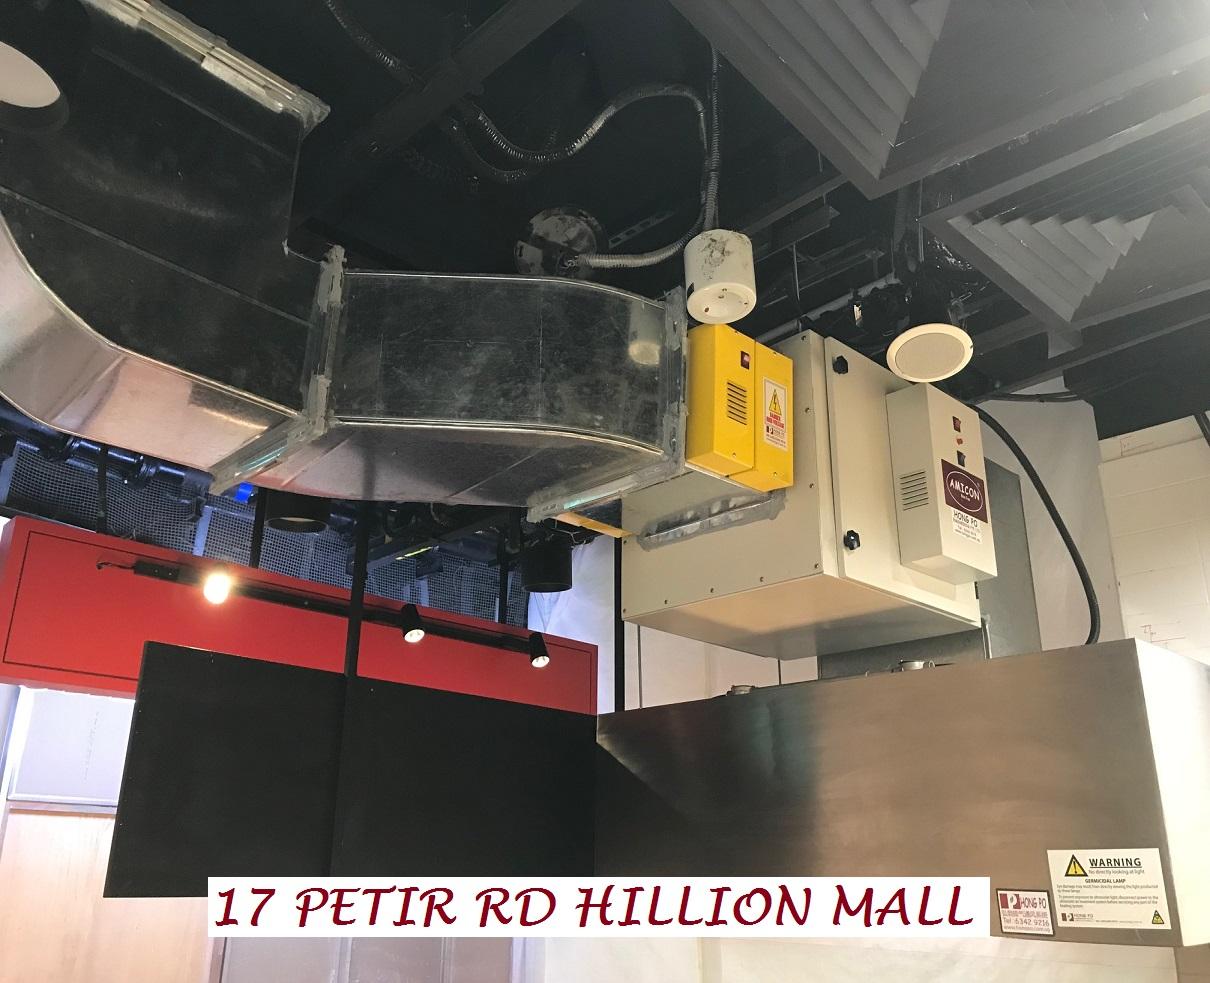 17 PETIR RD HILLION MALL 2